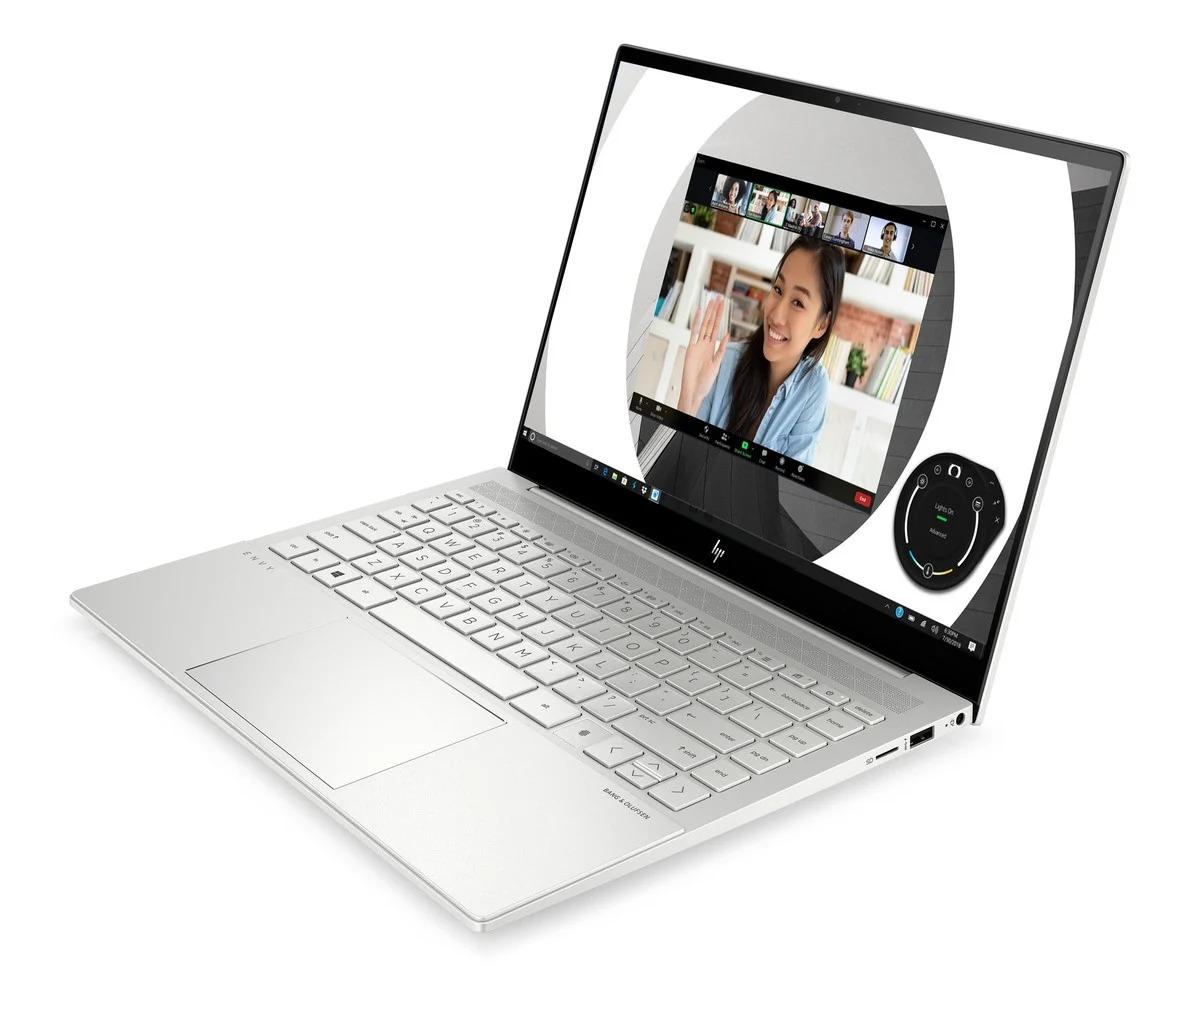 HP Envy 14 ouvert avec écran, clavier et pavé tactile visibles